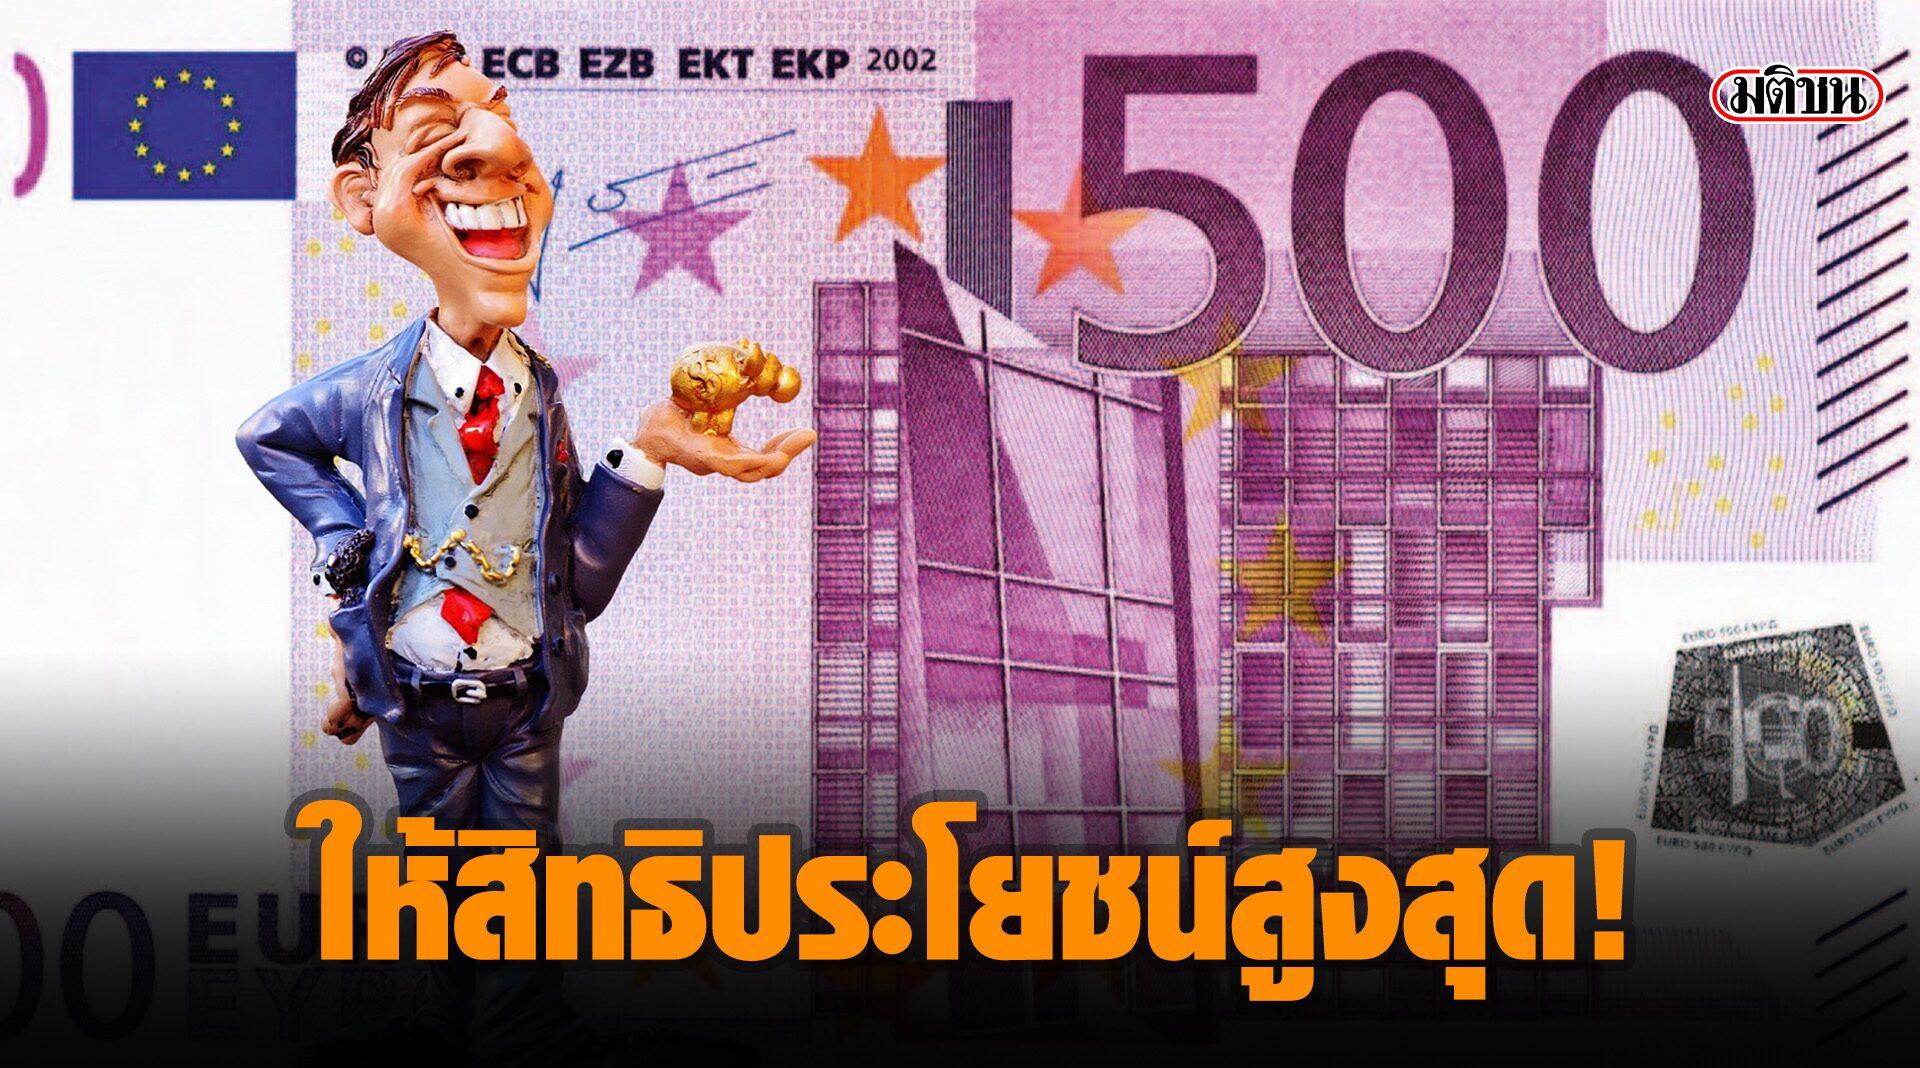 บีโอไอ เผยไทยให้สิทธิประโยชน์สูงสุด ย้ำทำงานเชิงรุกเจาะนักลงทุนเป้าหมาย